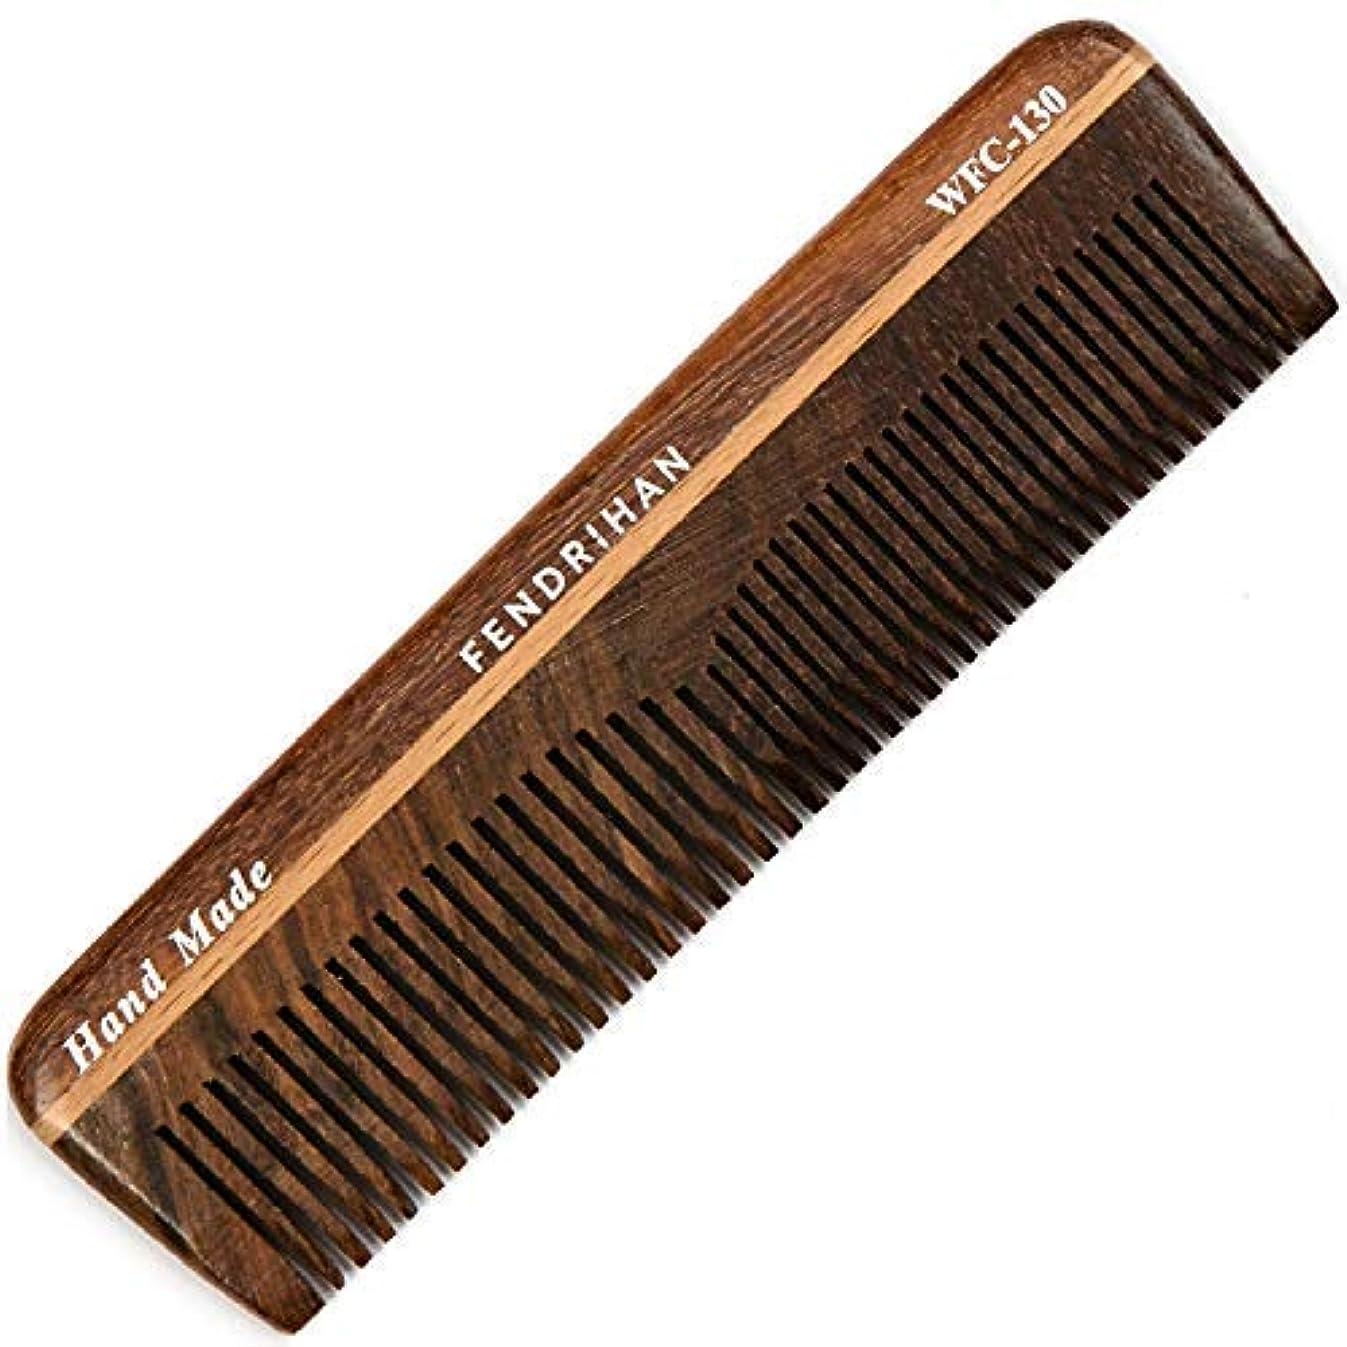 ミスペンド評価可能作業Fendrihan Wooden Double-Tooth Pocket Barber Grooming Comb (5.1 Inches) [並行輸入品]